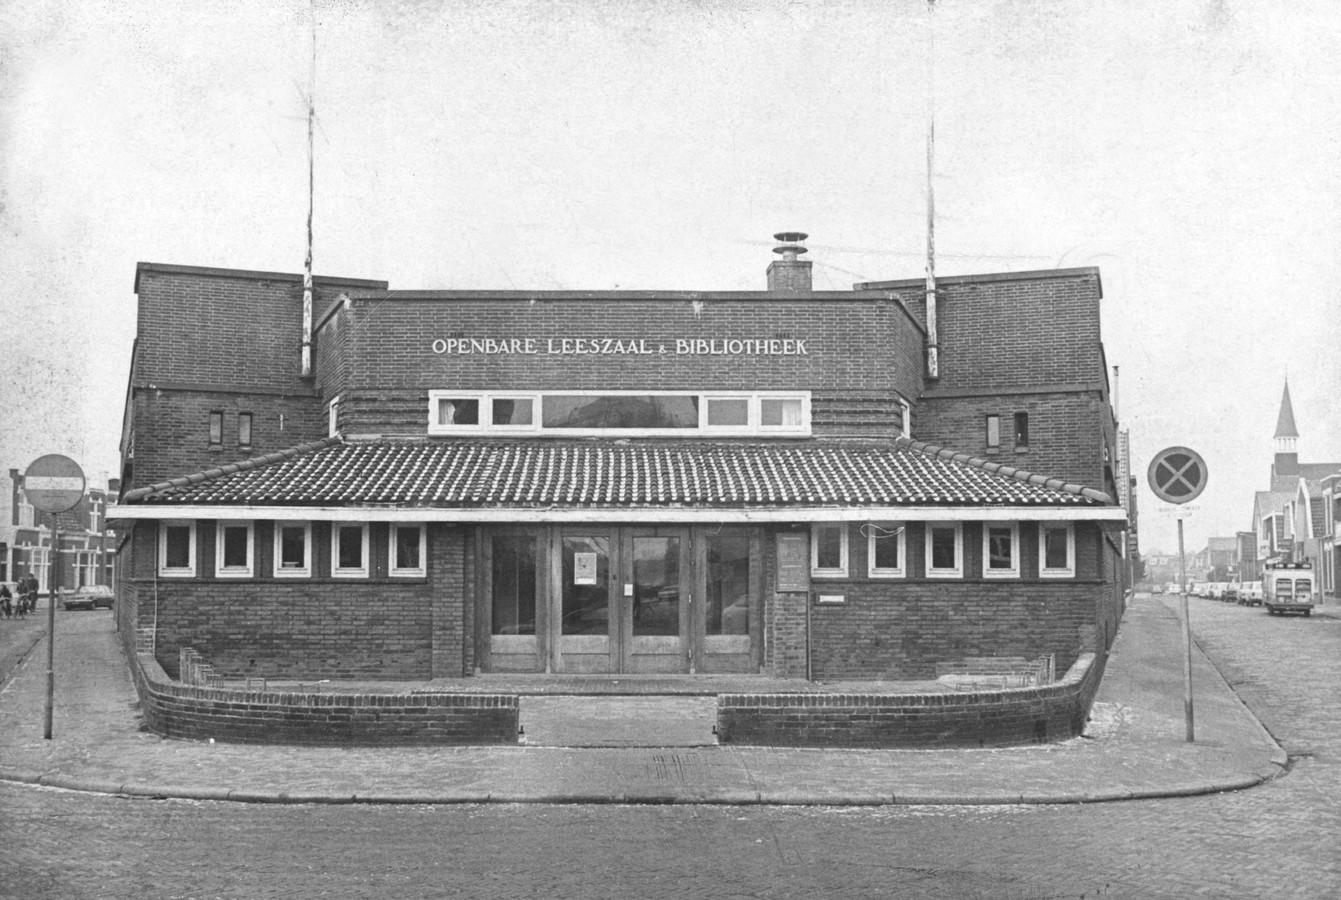 Oude foto van de bibliotheek van de Vondelstraat. En dus níet de Stork-bibliotheek, aldus Gerard Löbker.